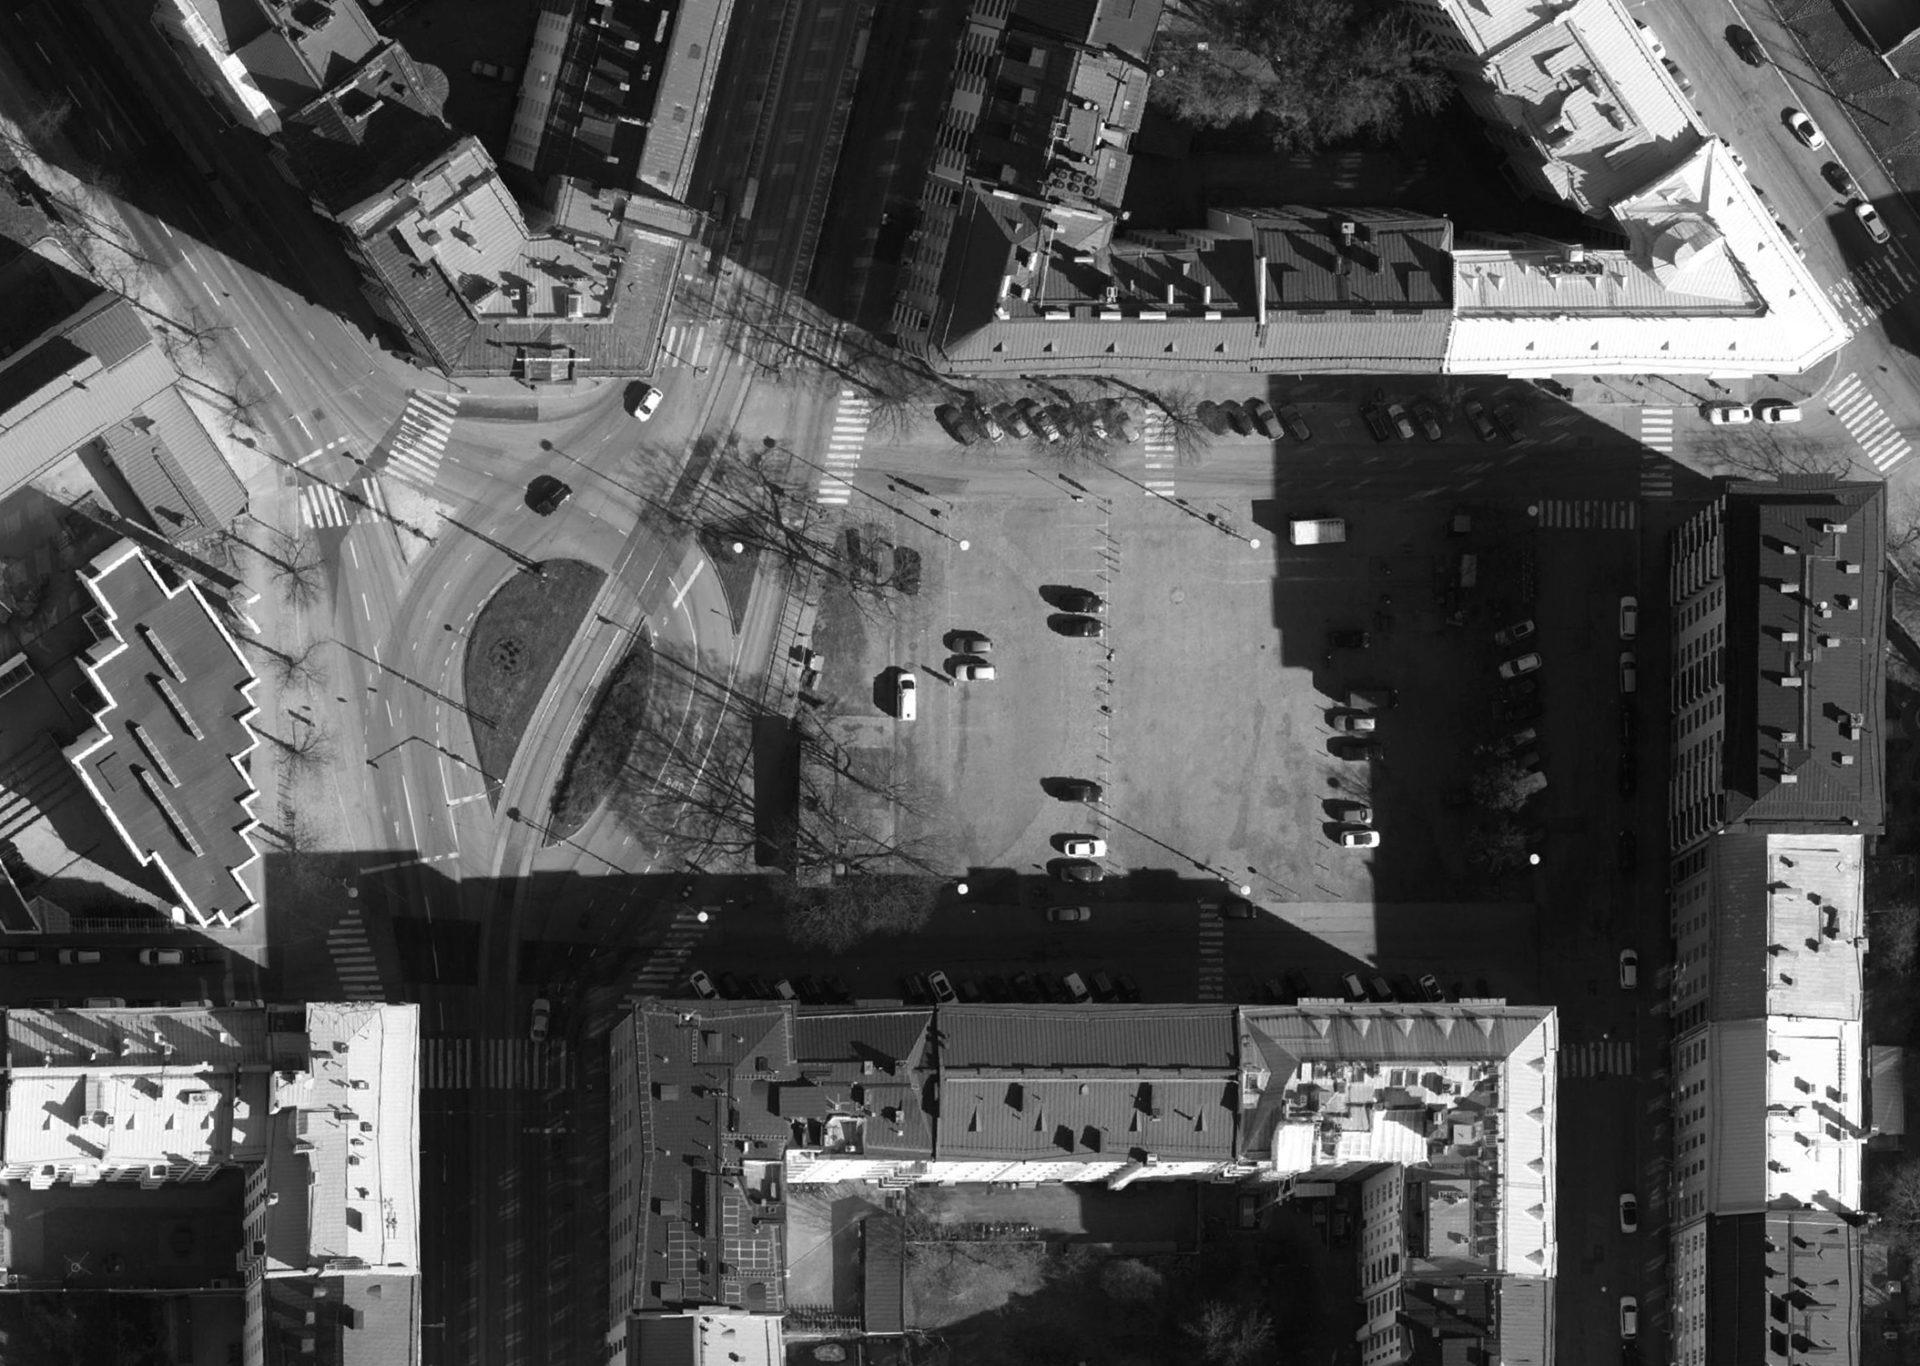 Töölöntorin ilmakuva aerial photograph